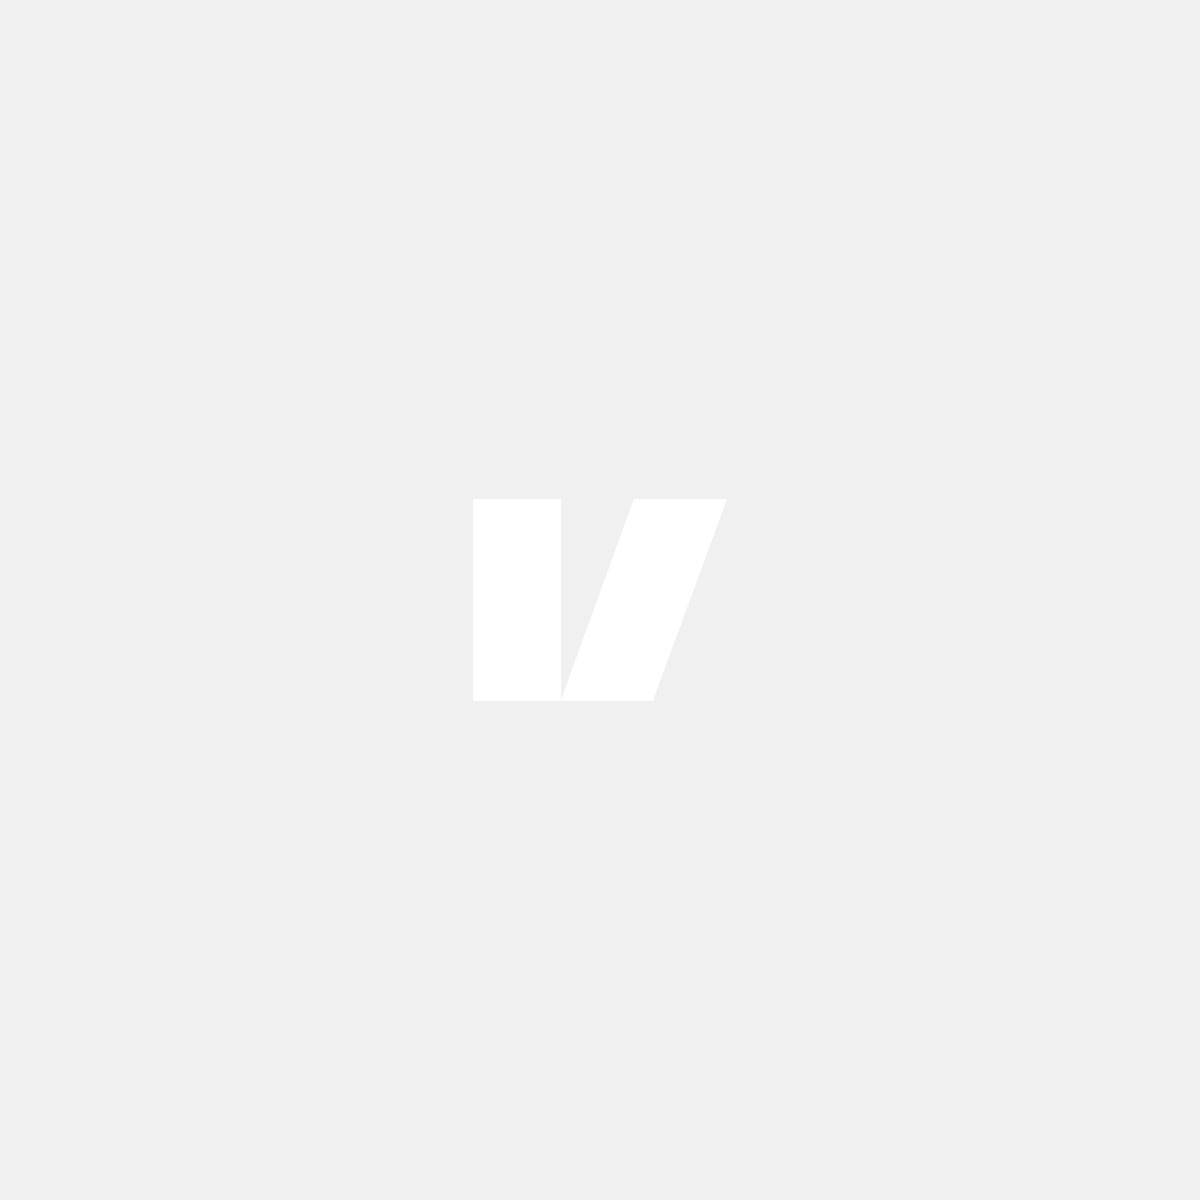 Torkararm med blad bakruta till Volvo V50 05-11